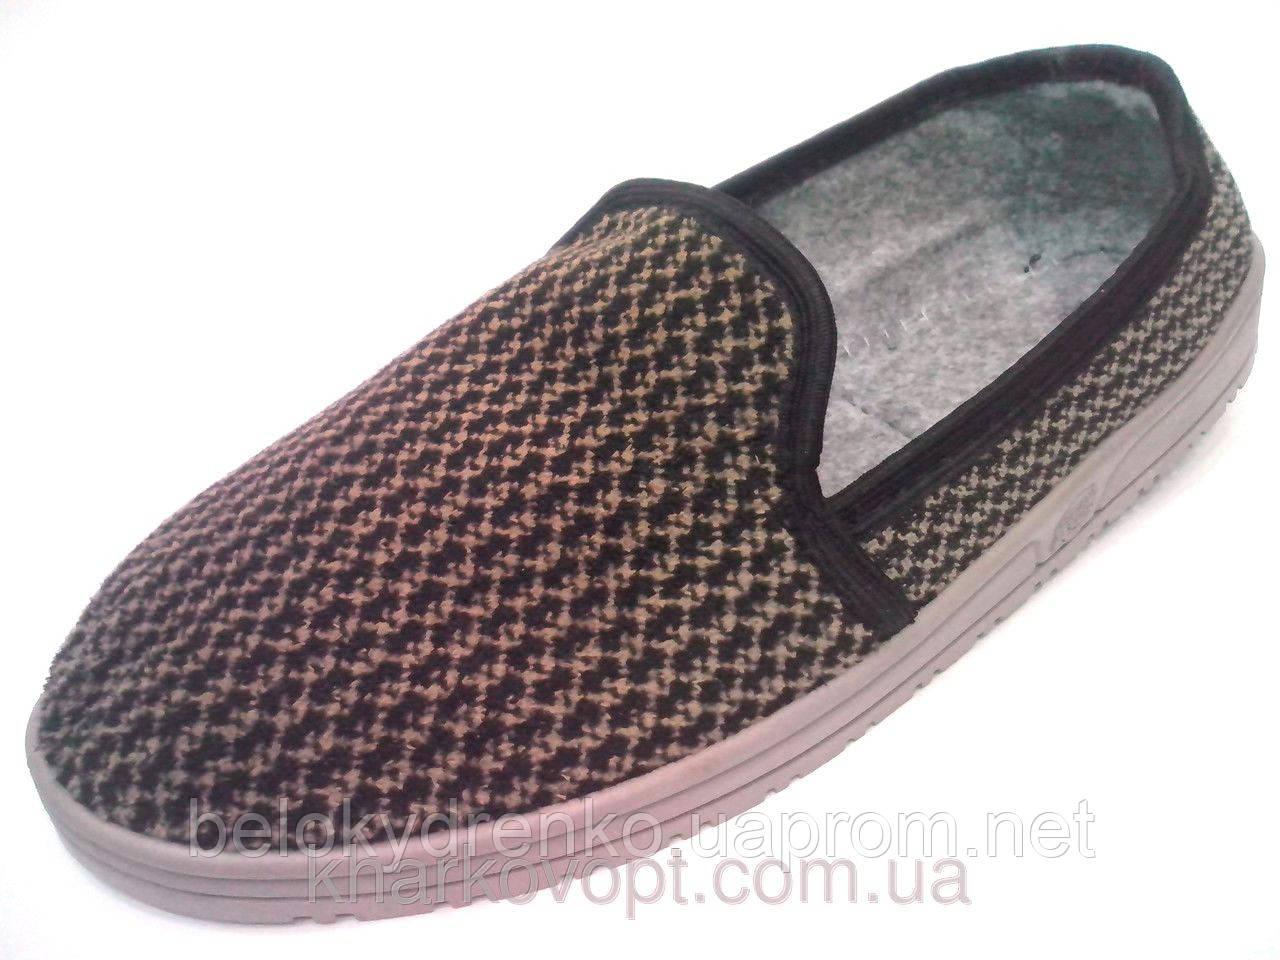 80ec765e11e64 Тапочки мужские с задником, цена 52 грн./пара, купить в Харькове ...